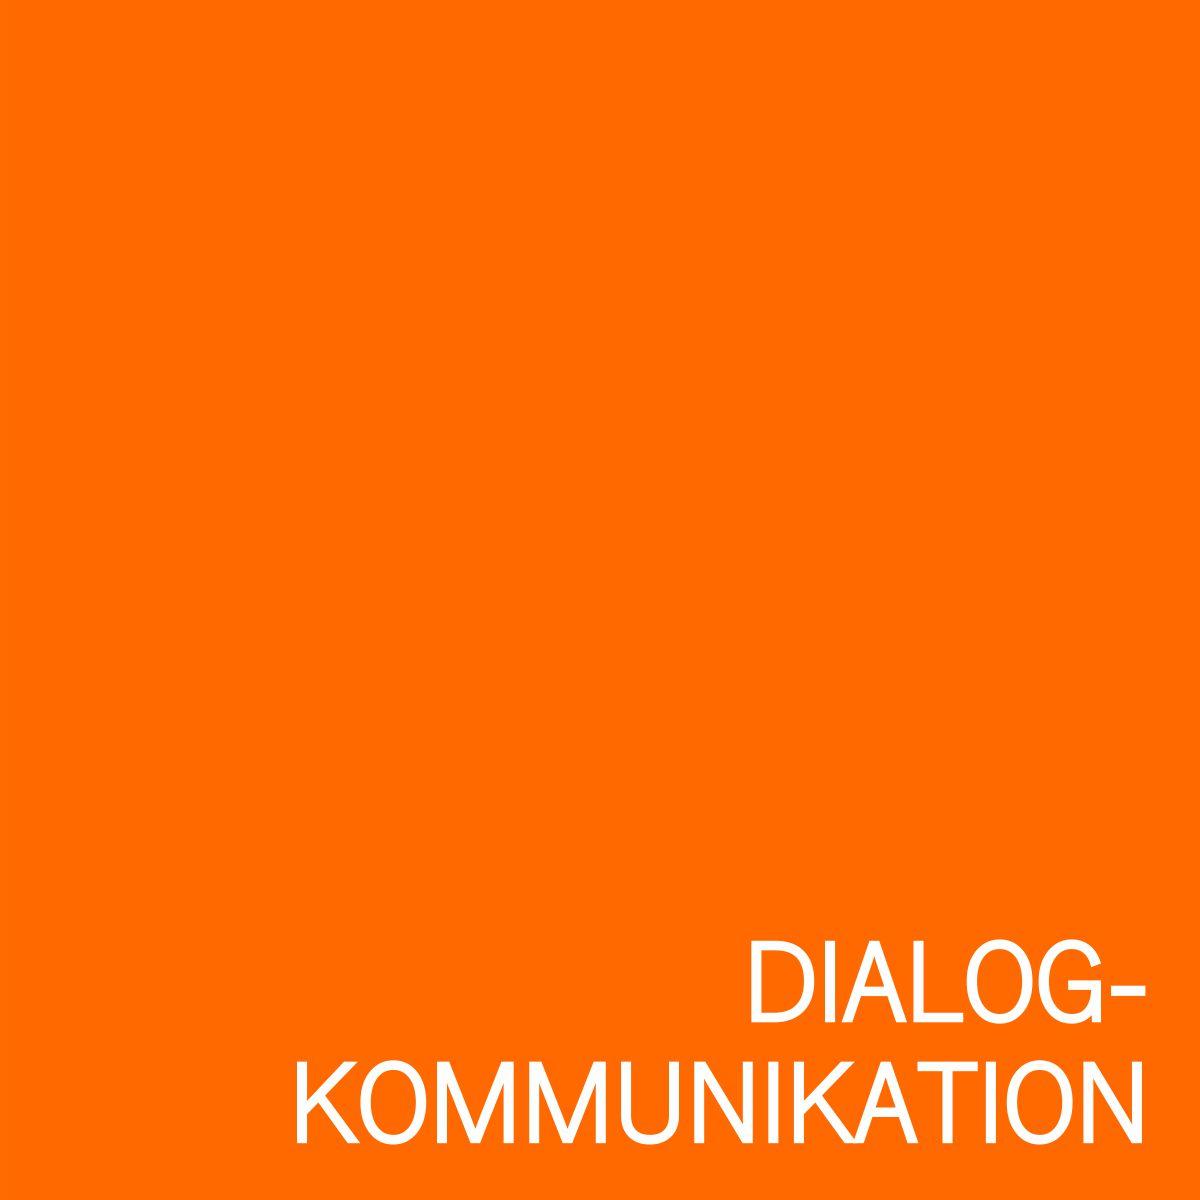 Dialog-Kommunikation zur Verbesserung der Kundenbindung und Unterstützung der Partner-Programme